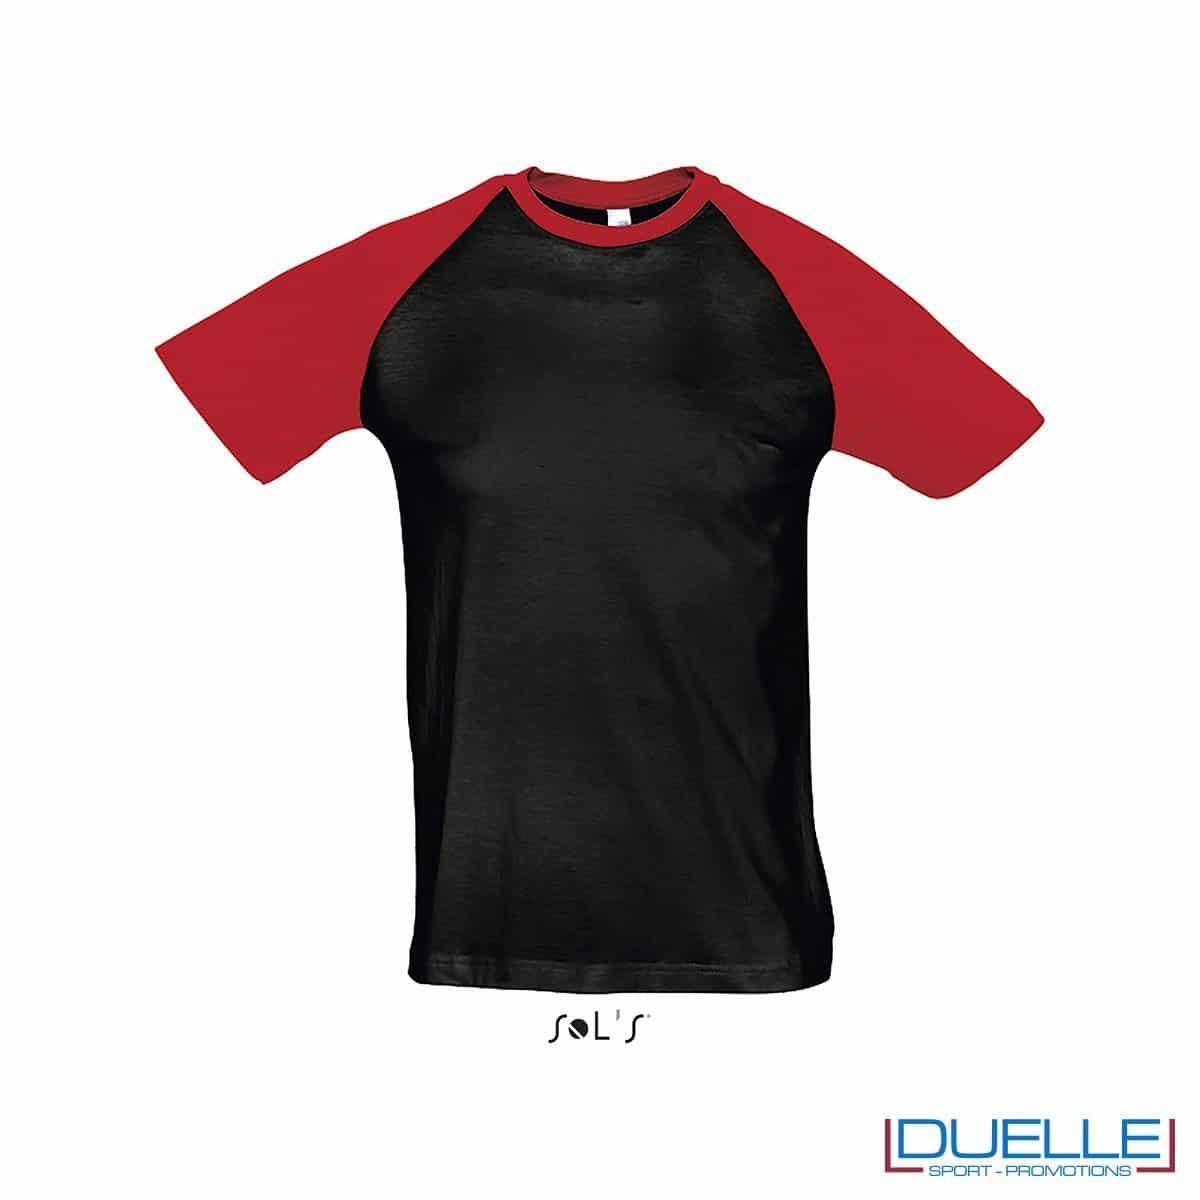 t-shirt personalizzata sportiva bicolore in colore rosso e nero, abbigliamento sportivo personalizzato